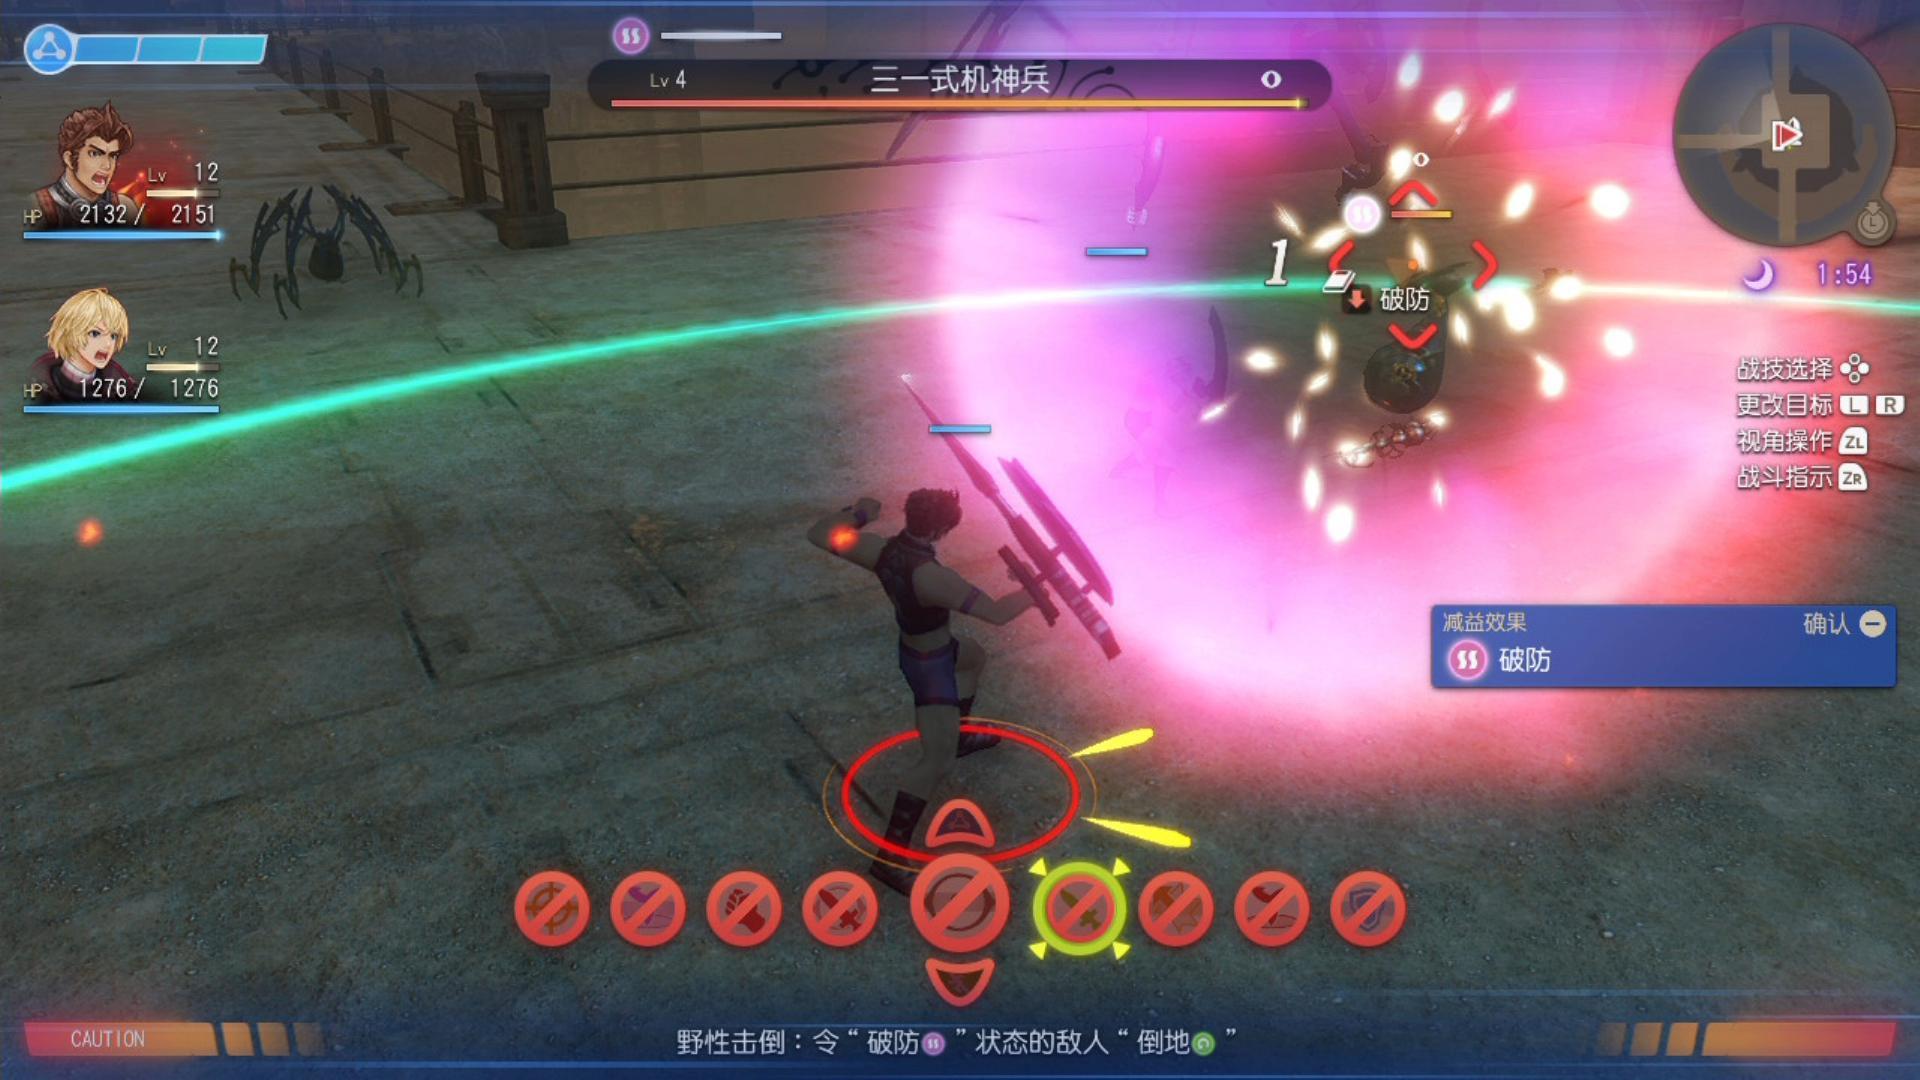 《异度神剑:终极版》评测:来自过去的醍醐味依然精彩